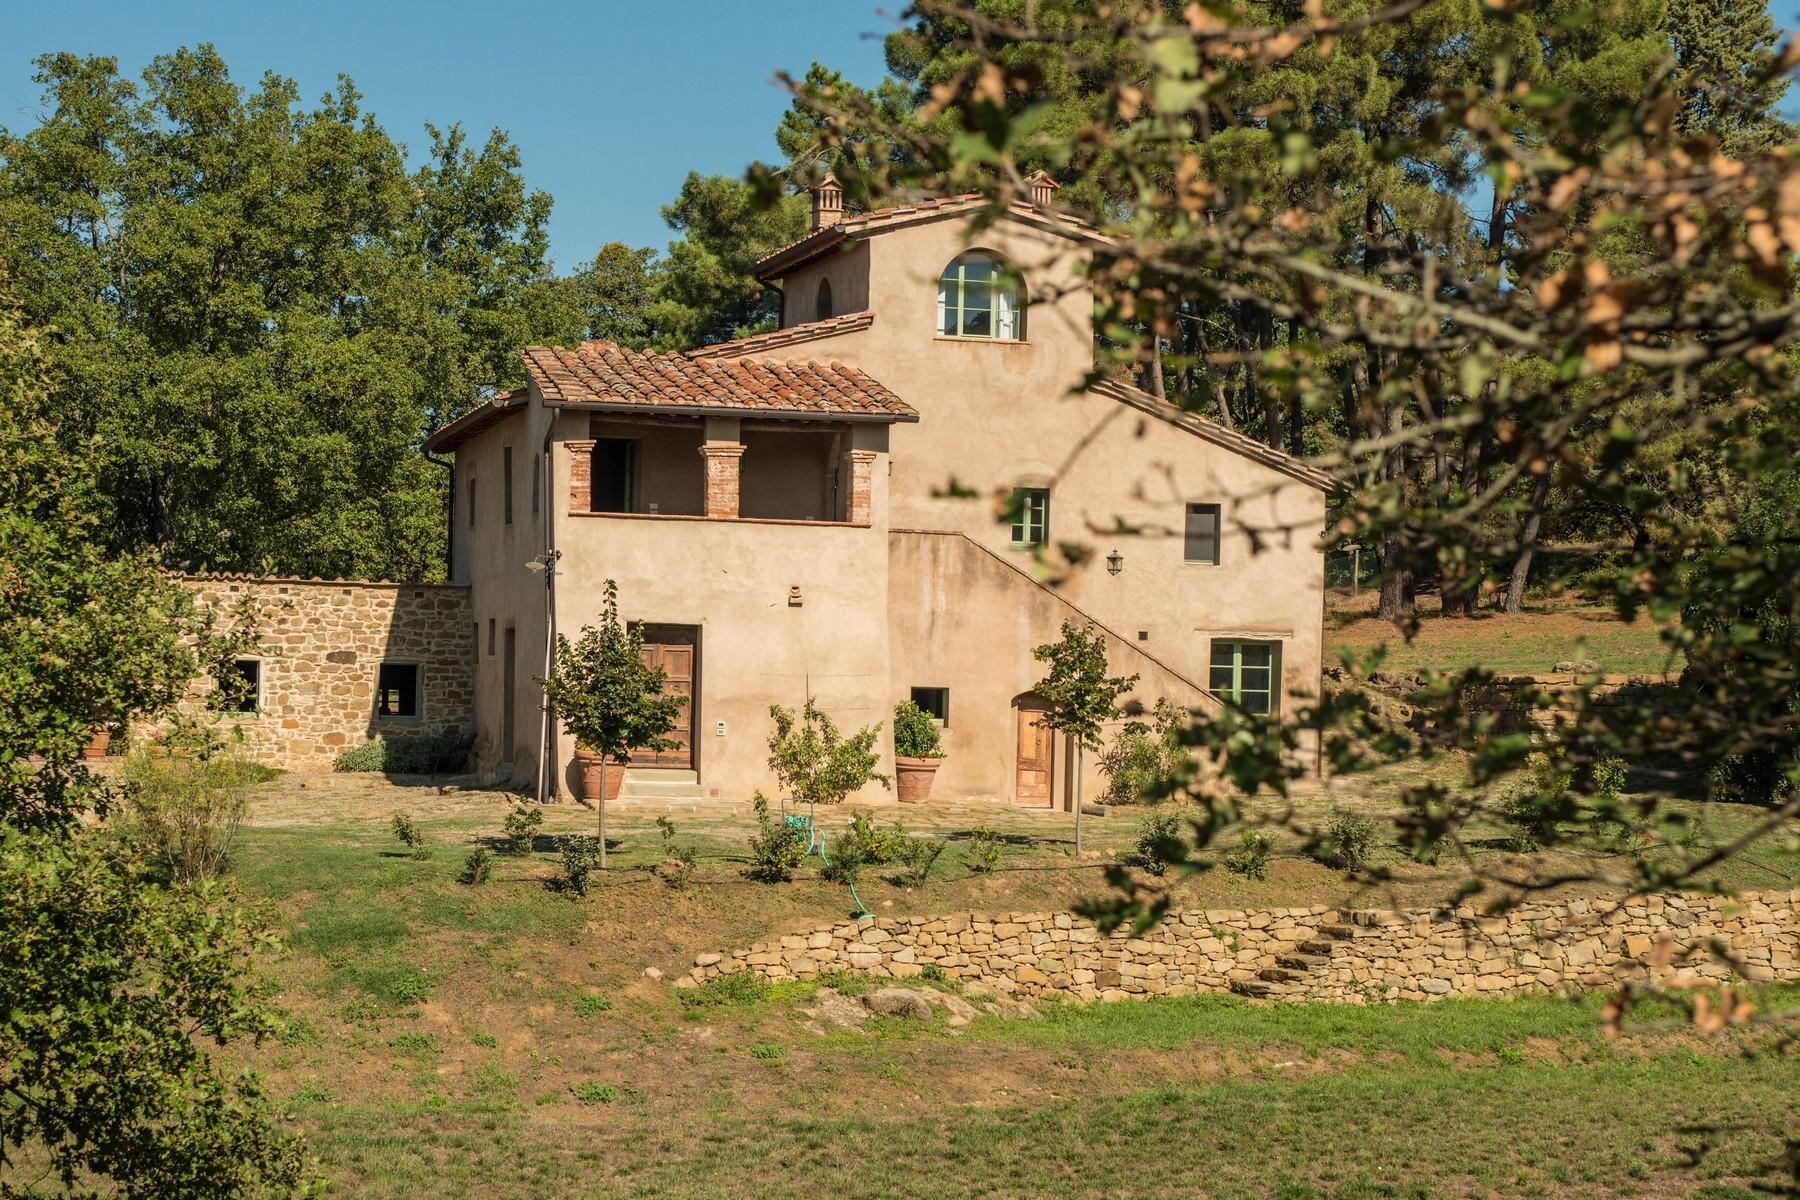 Villa in Vendita a Monte San Savino: 5 locali, 340 mq - Foto 5